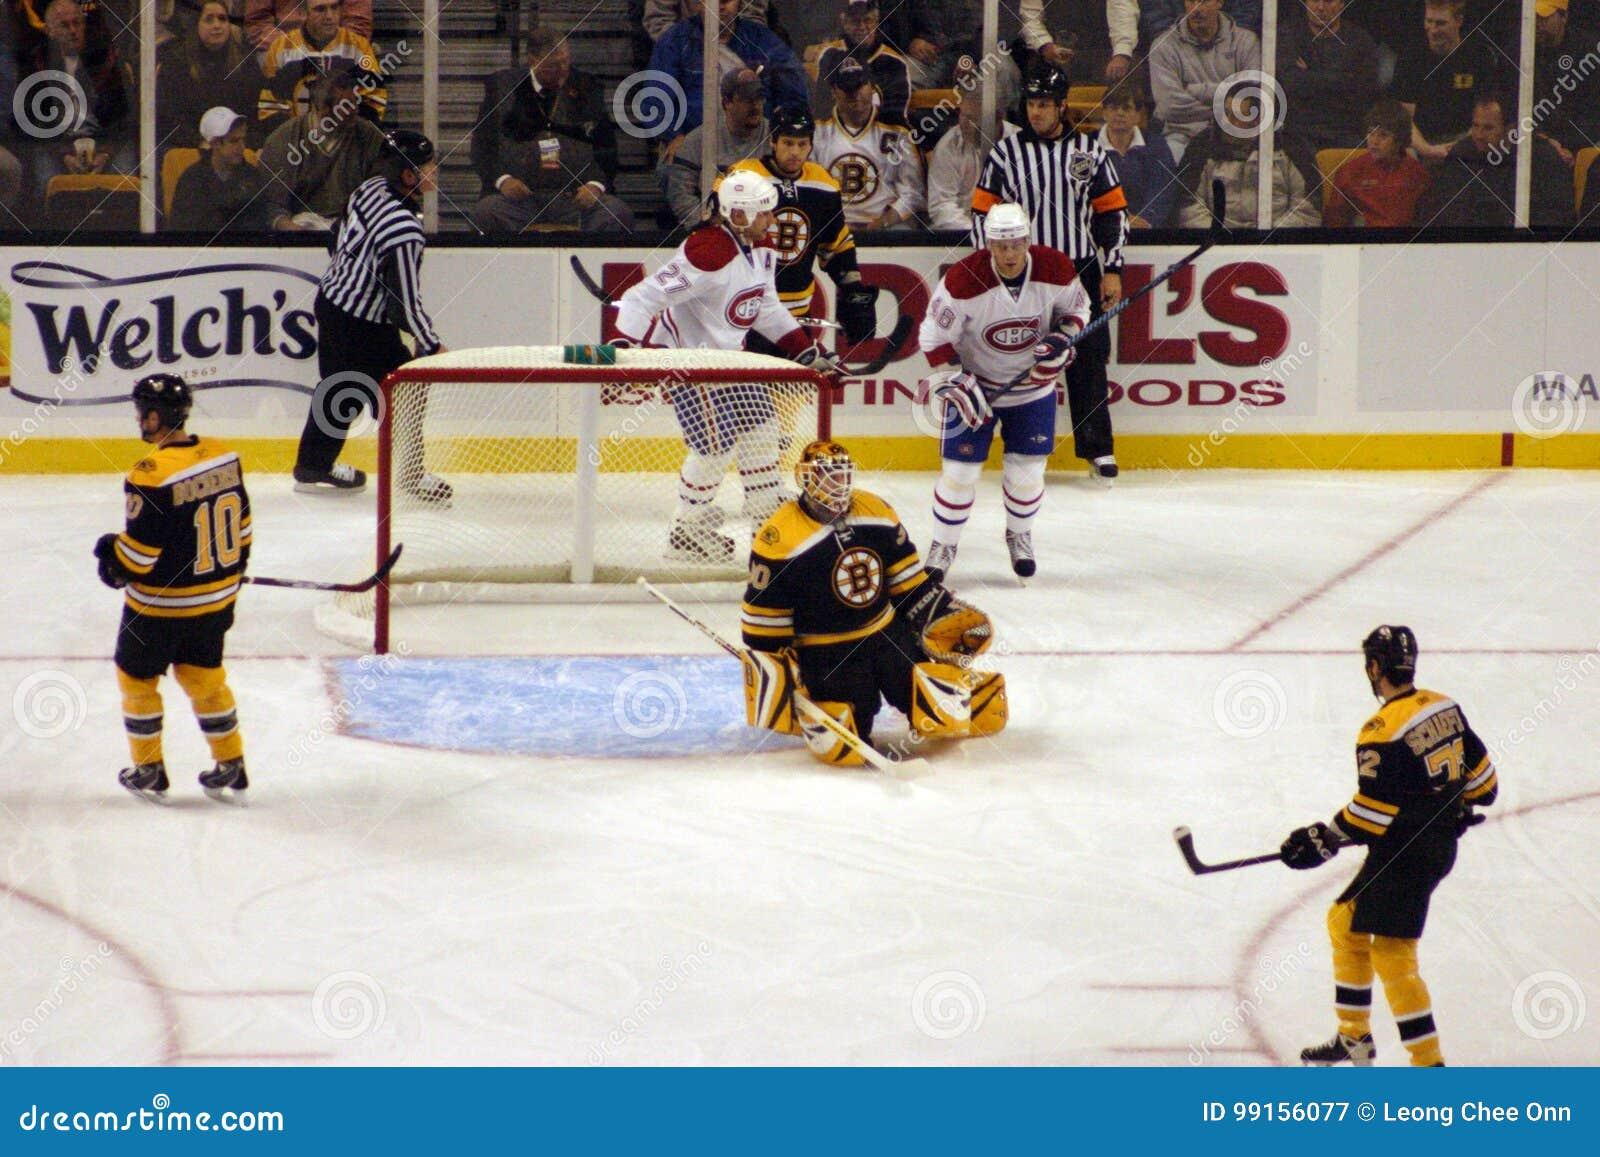 Start Of Ice Hockey Game